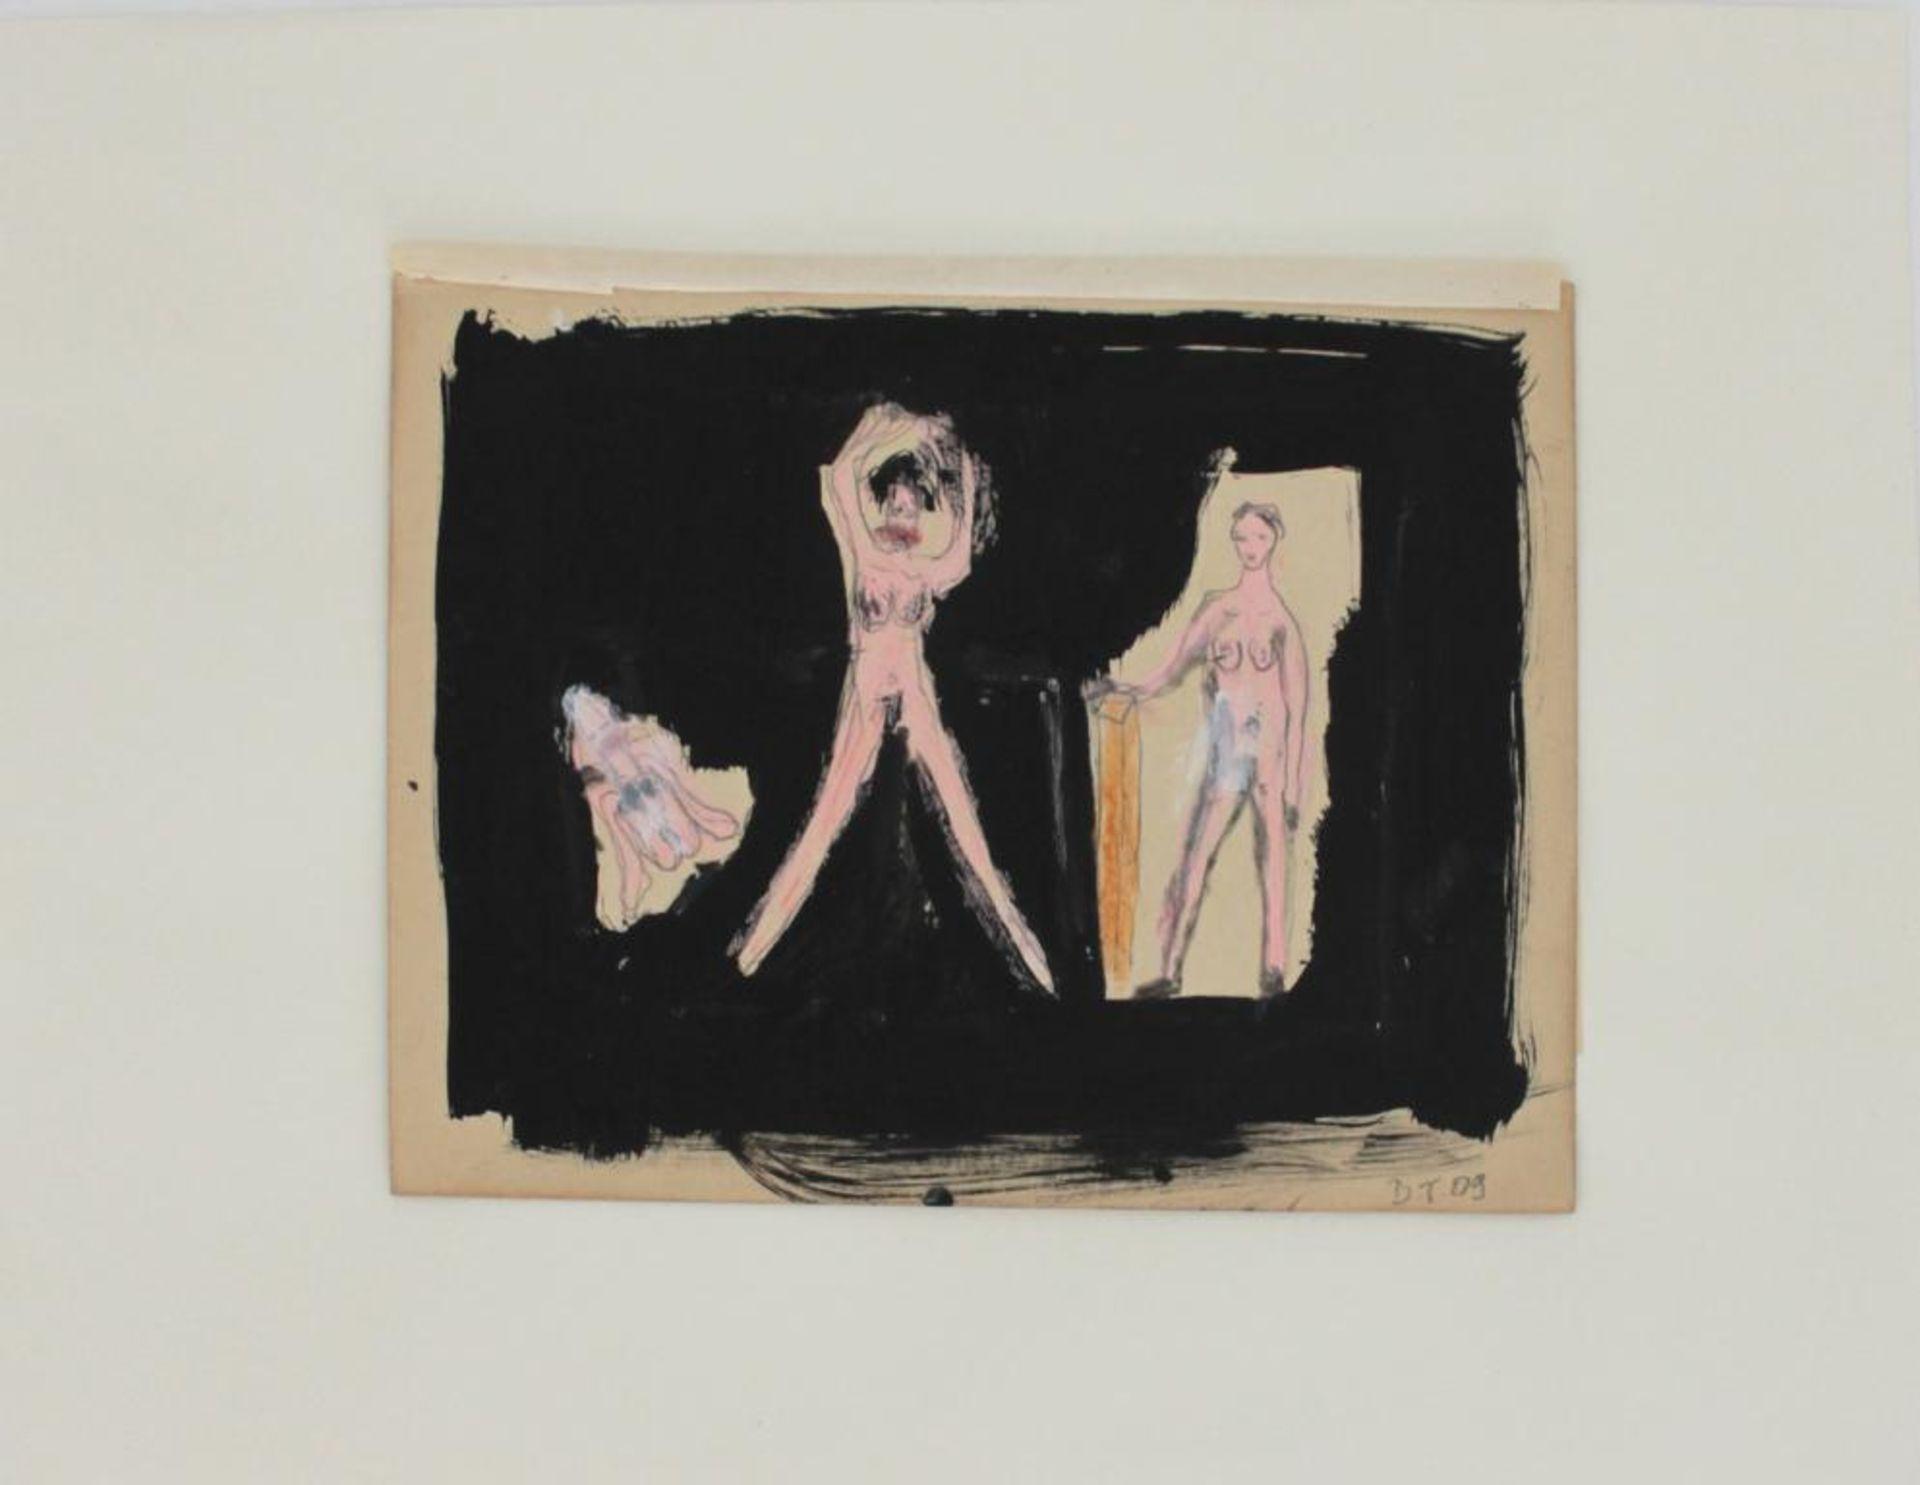 Thanner Billi (geb. 1972) Akt 2009 Mischtechnik auf Karton handsigniert, gerahmt 24 x 19 cm